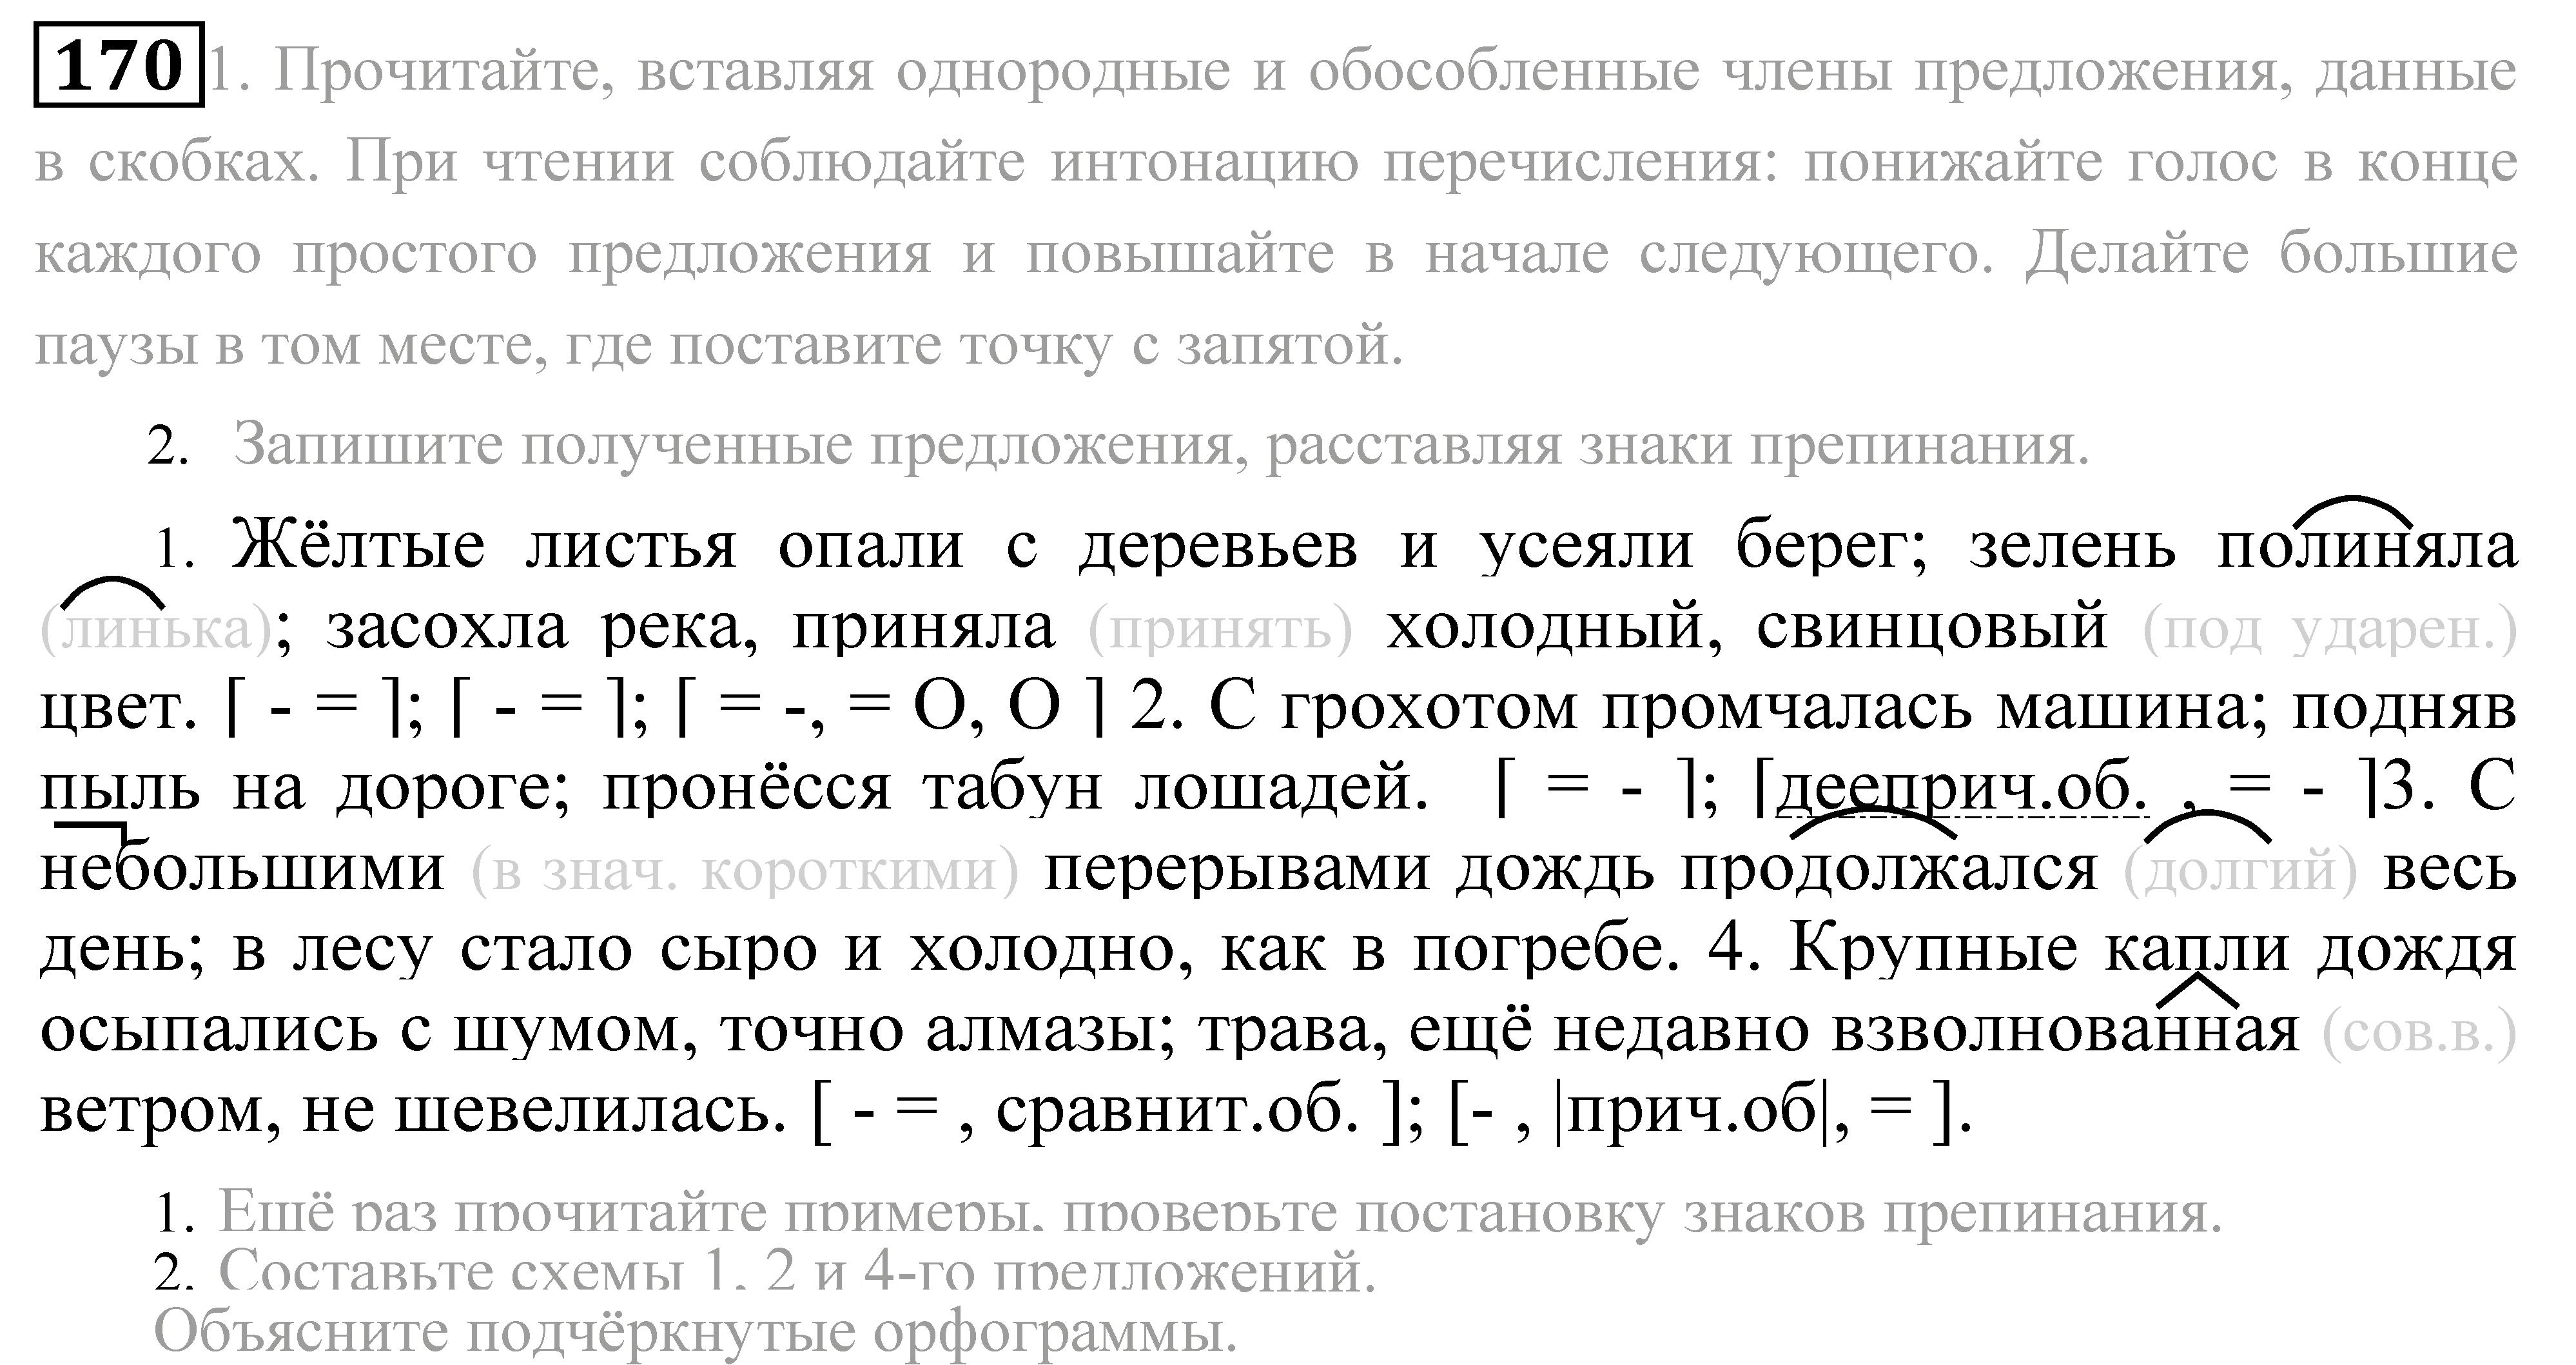 Гдз по русскому языку 3 каленчук скачать бесплатно без регистрации